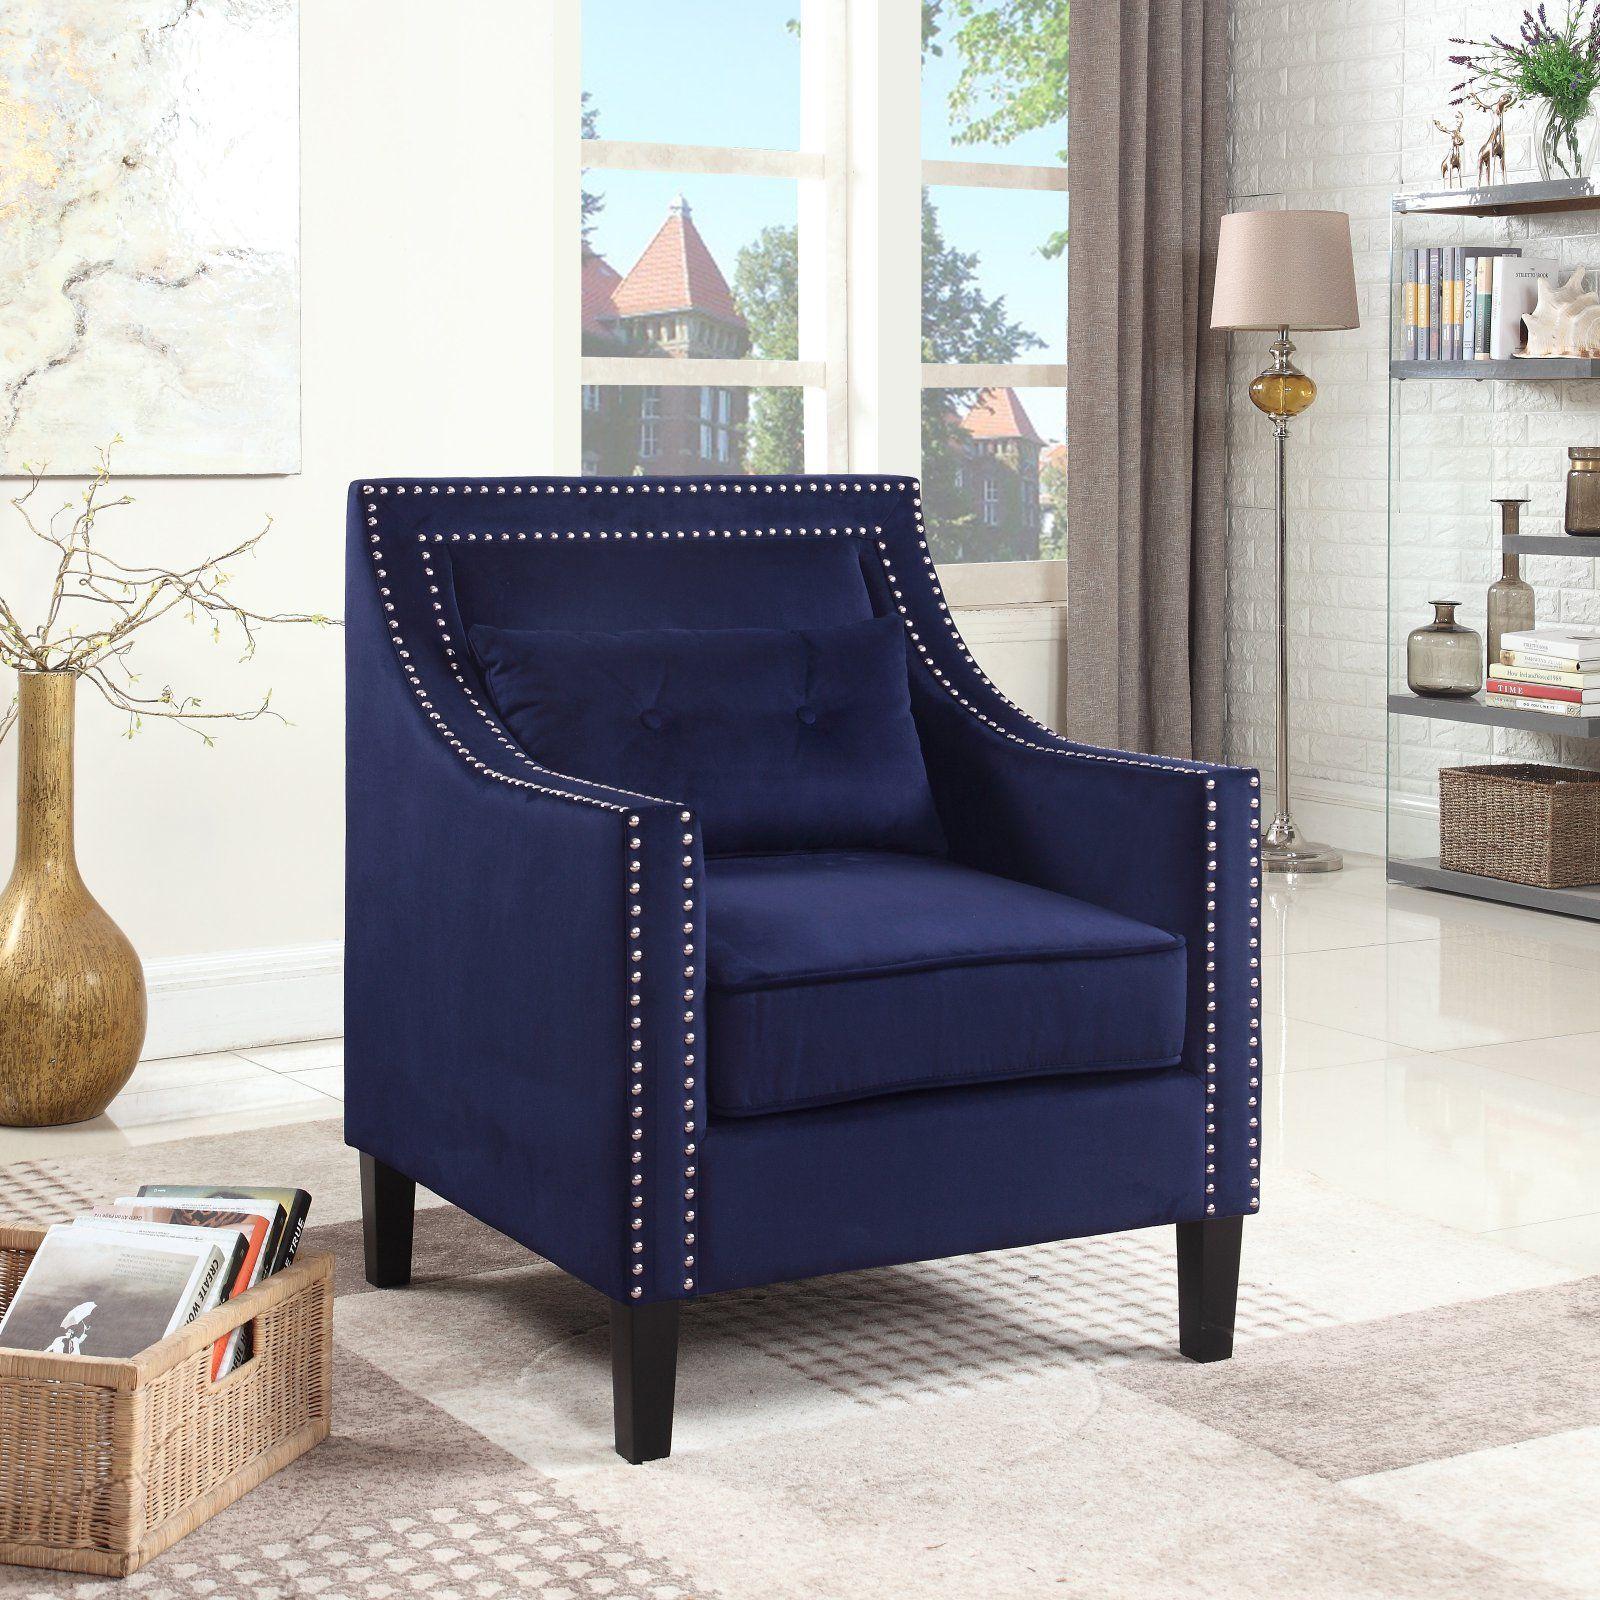 Best Master Furniture Edinburgh Suede Accent Arm Chair 400 x 300